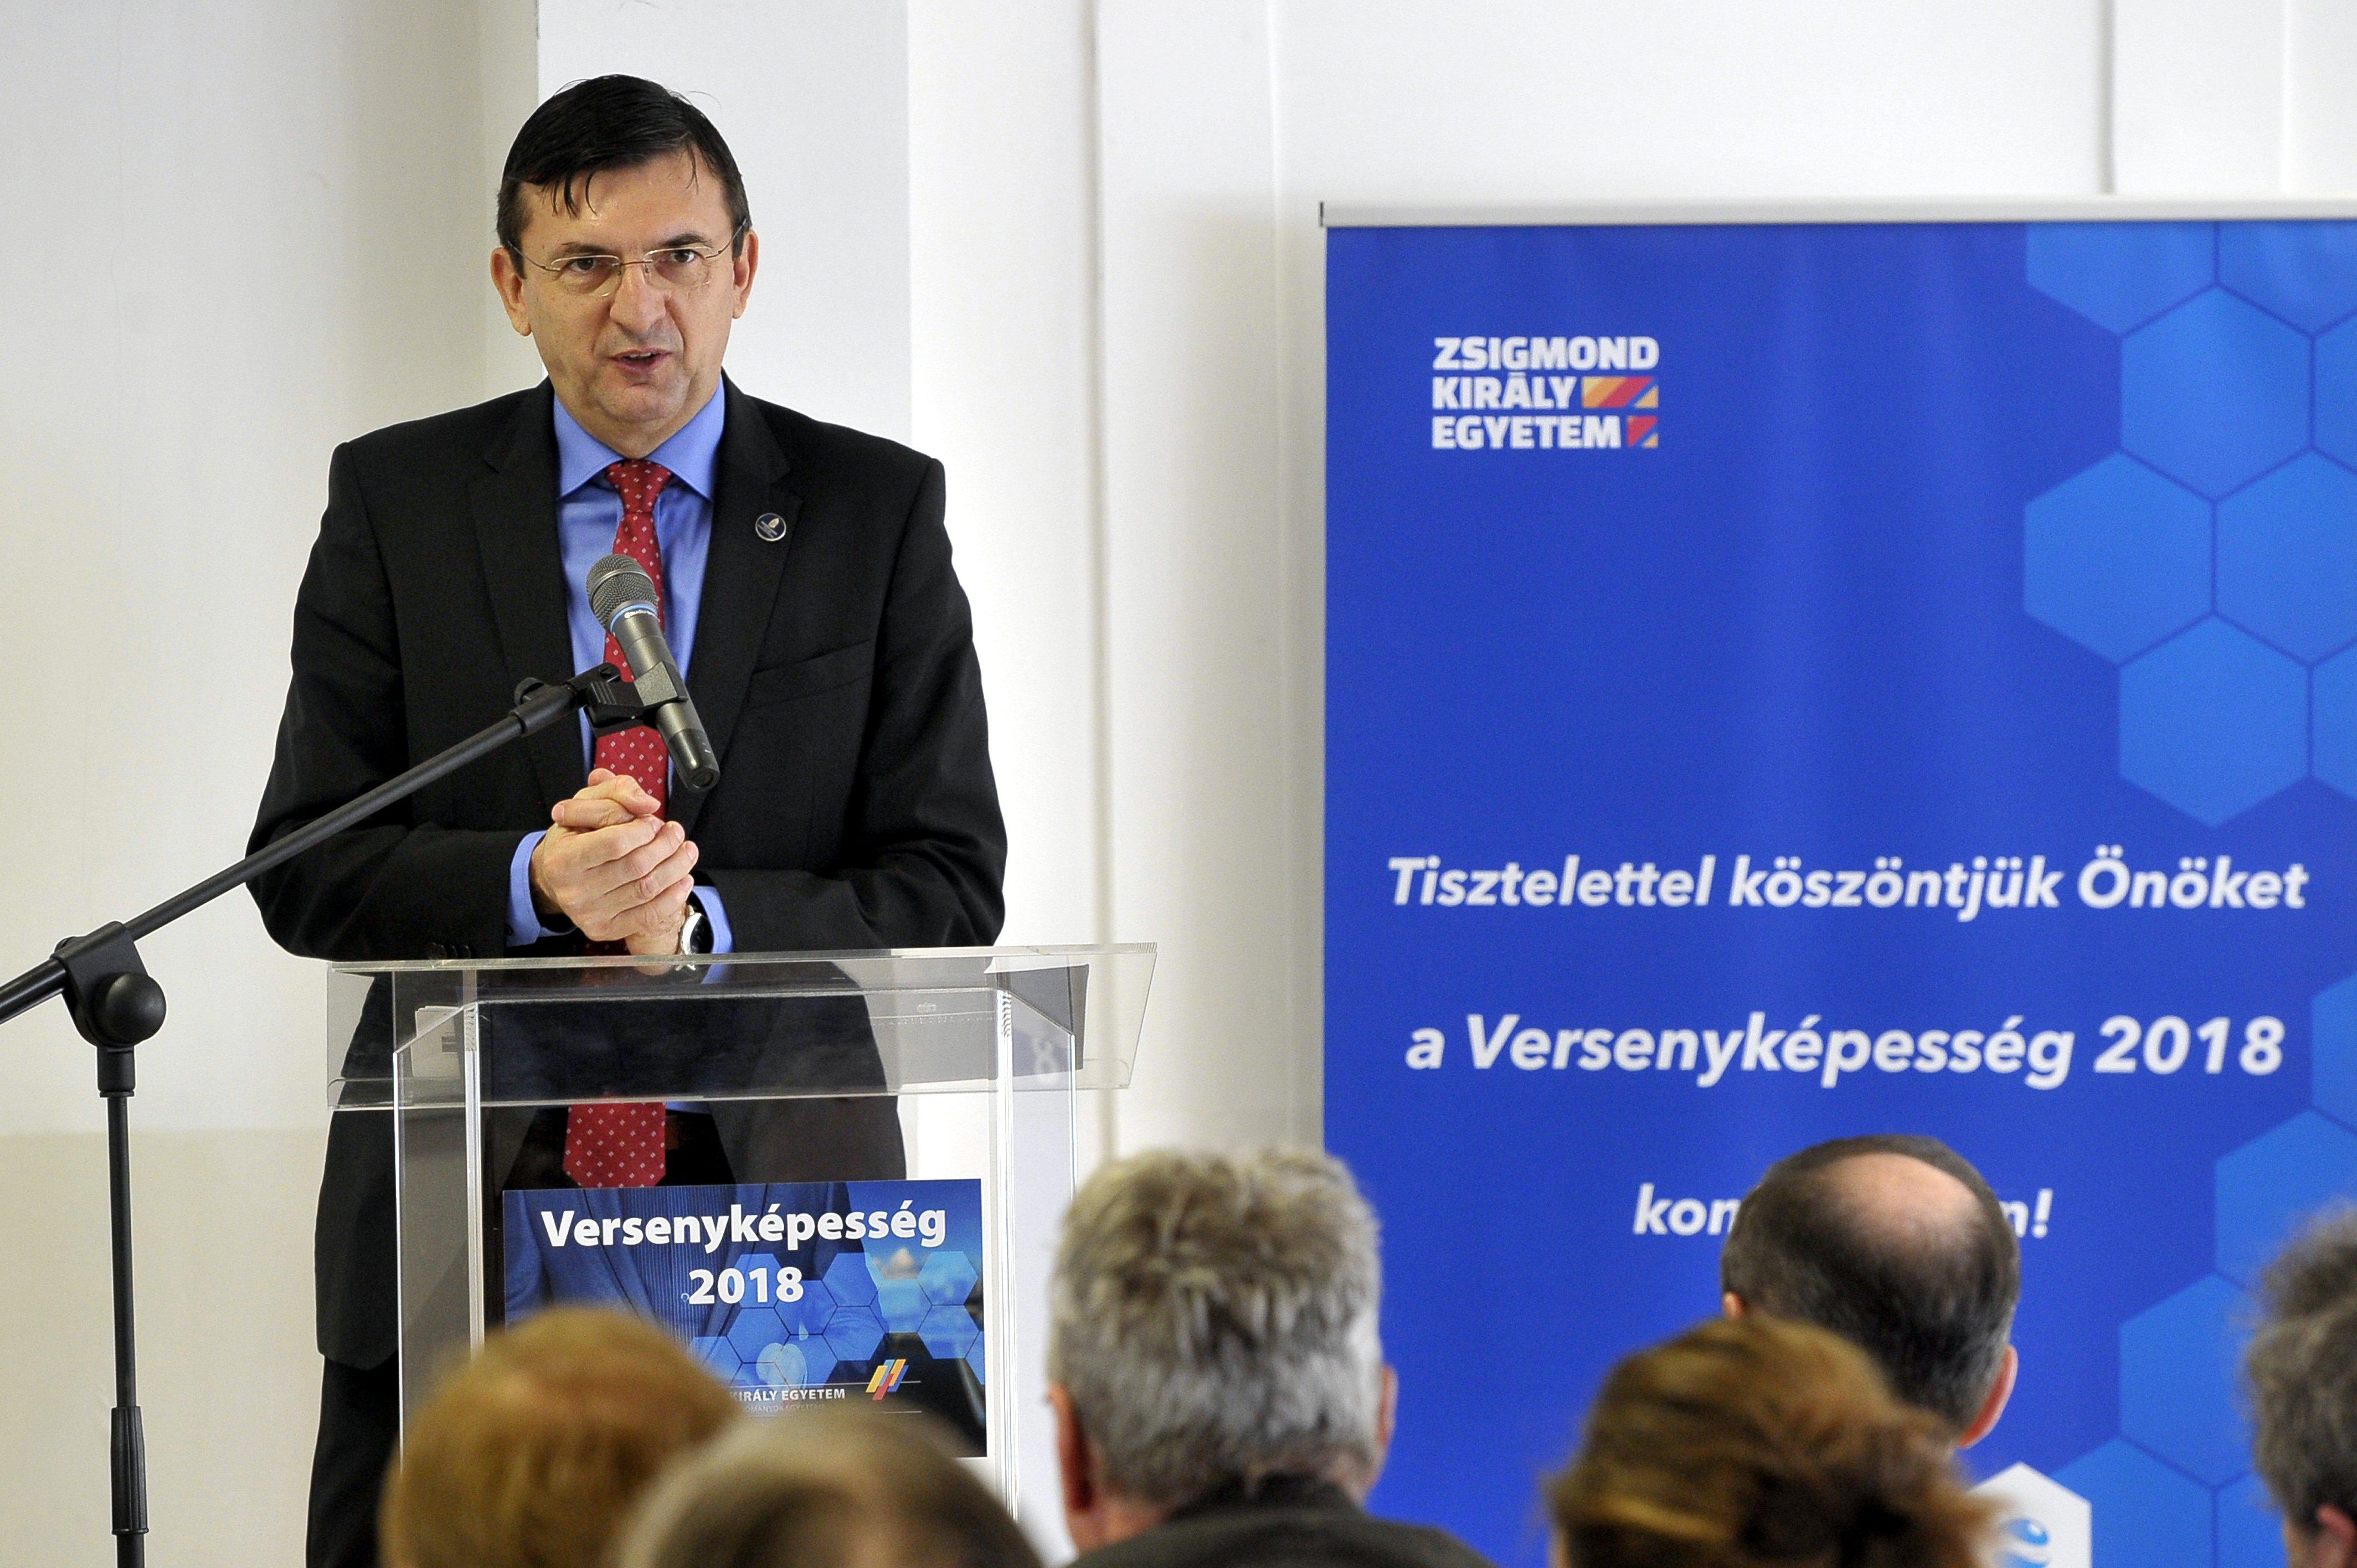 Domokos László: A túlórakeret emelése a gazdaságfehérítés újabb, fontos eszköze